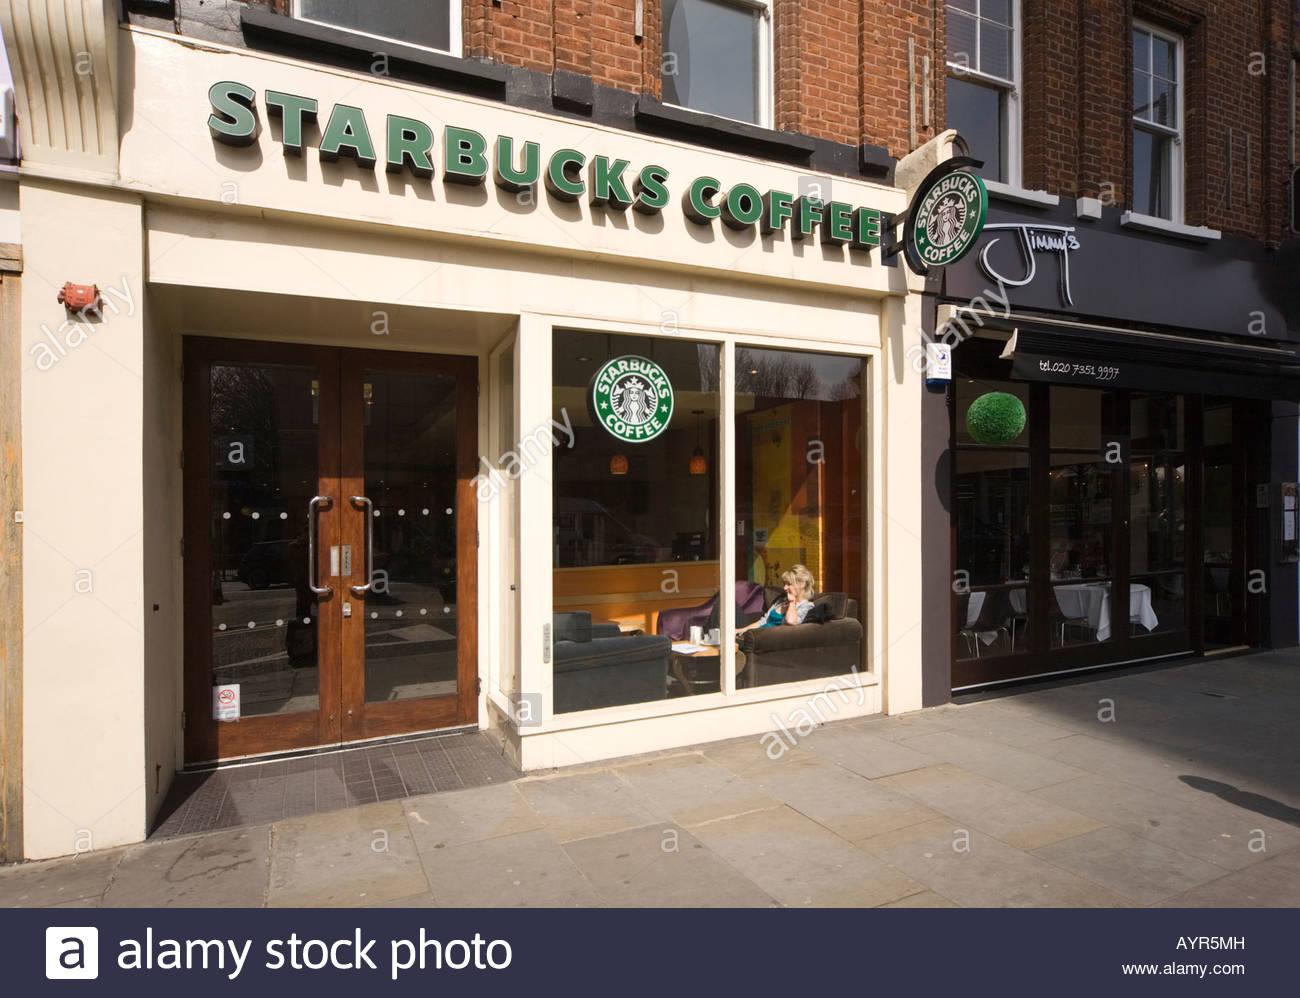 Full Size of Fenster Welten Frau Im Der Starbucks Coffee House Ende Kings Road Polnische Kunststoff Teleskopstange Einbruchschutzfolie Rc3 Insektenschutz Für Schallschutz Fenster Fenster Welten